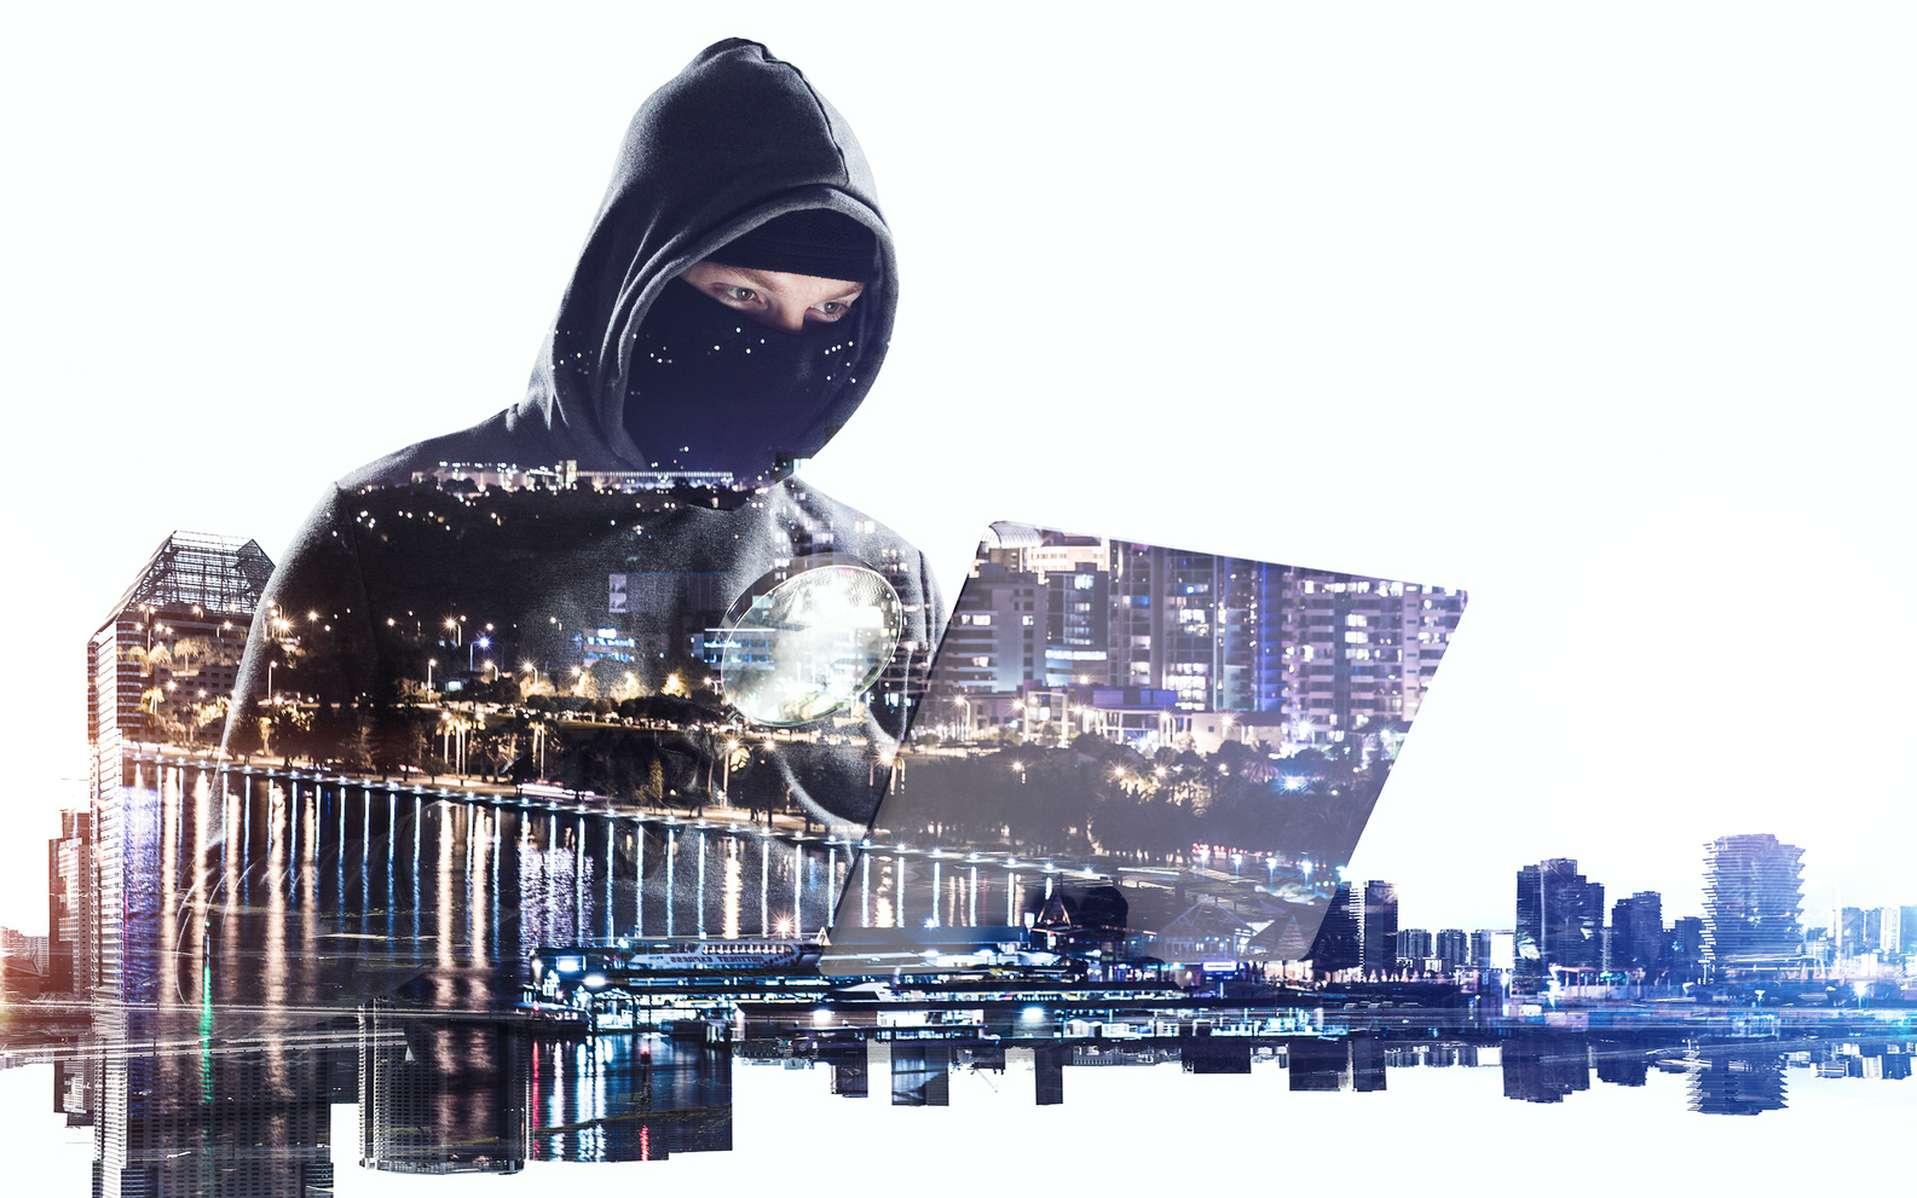 Les Jeux olympiques de Pyeongchang ont subi une cyberattaque dès la cérémonie d'ouverture. D'autres tentatives sont-elles à craindre ? © Sergey Nivens, Fotolia